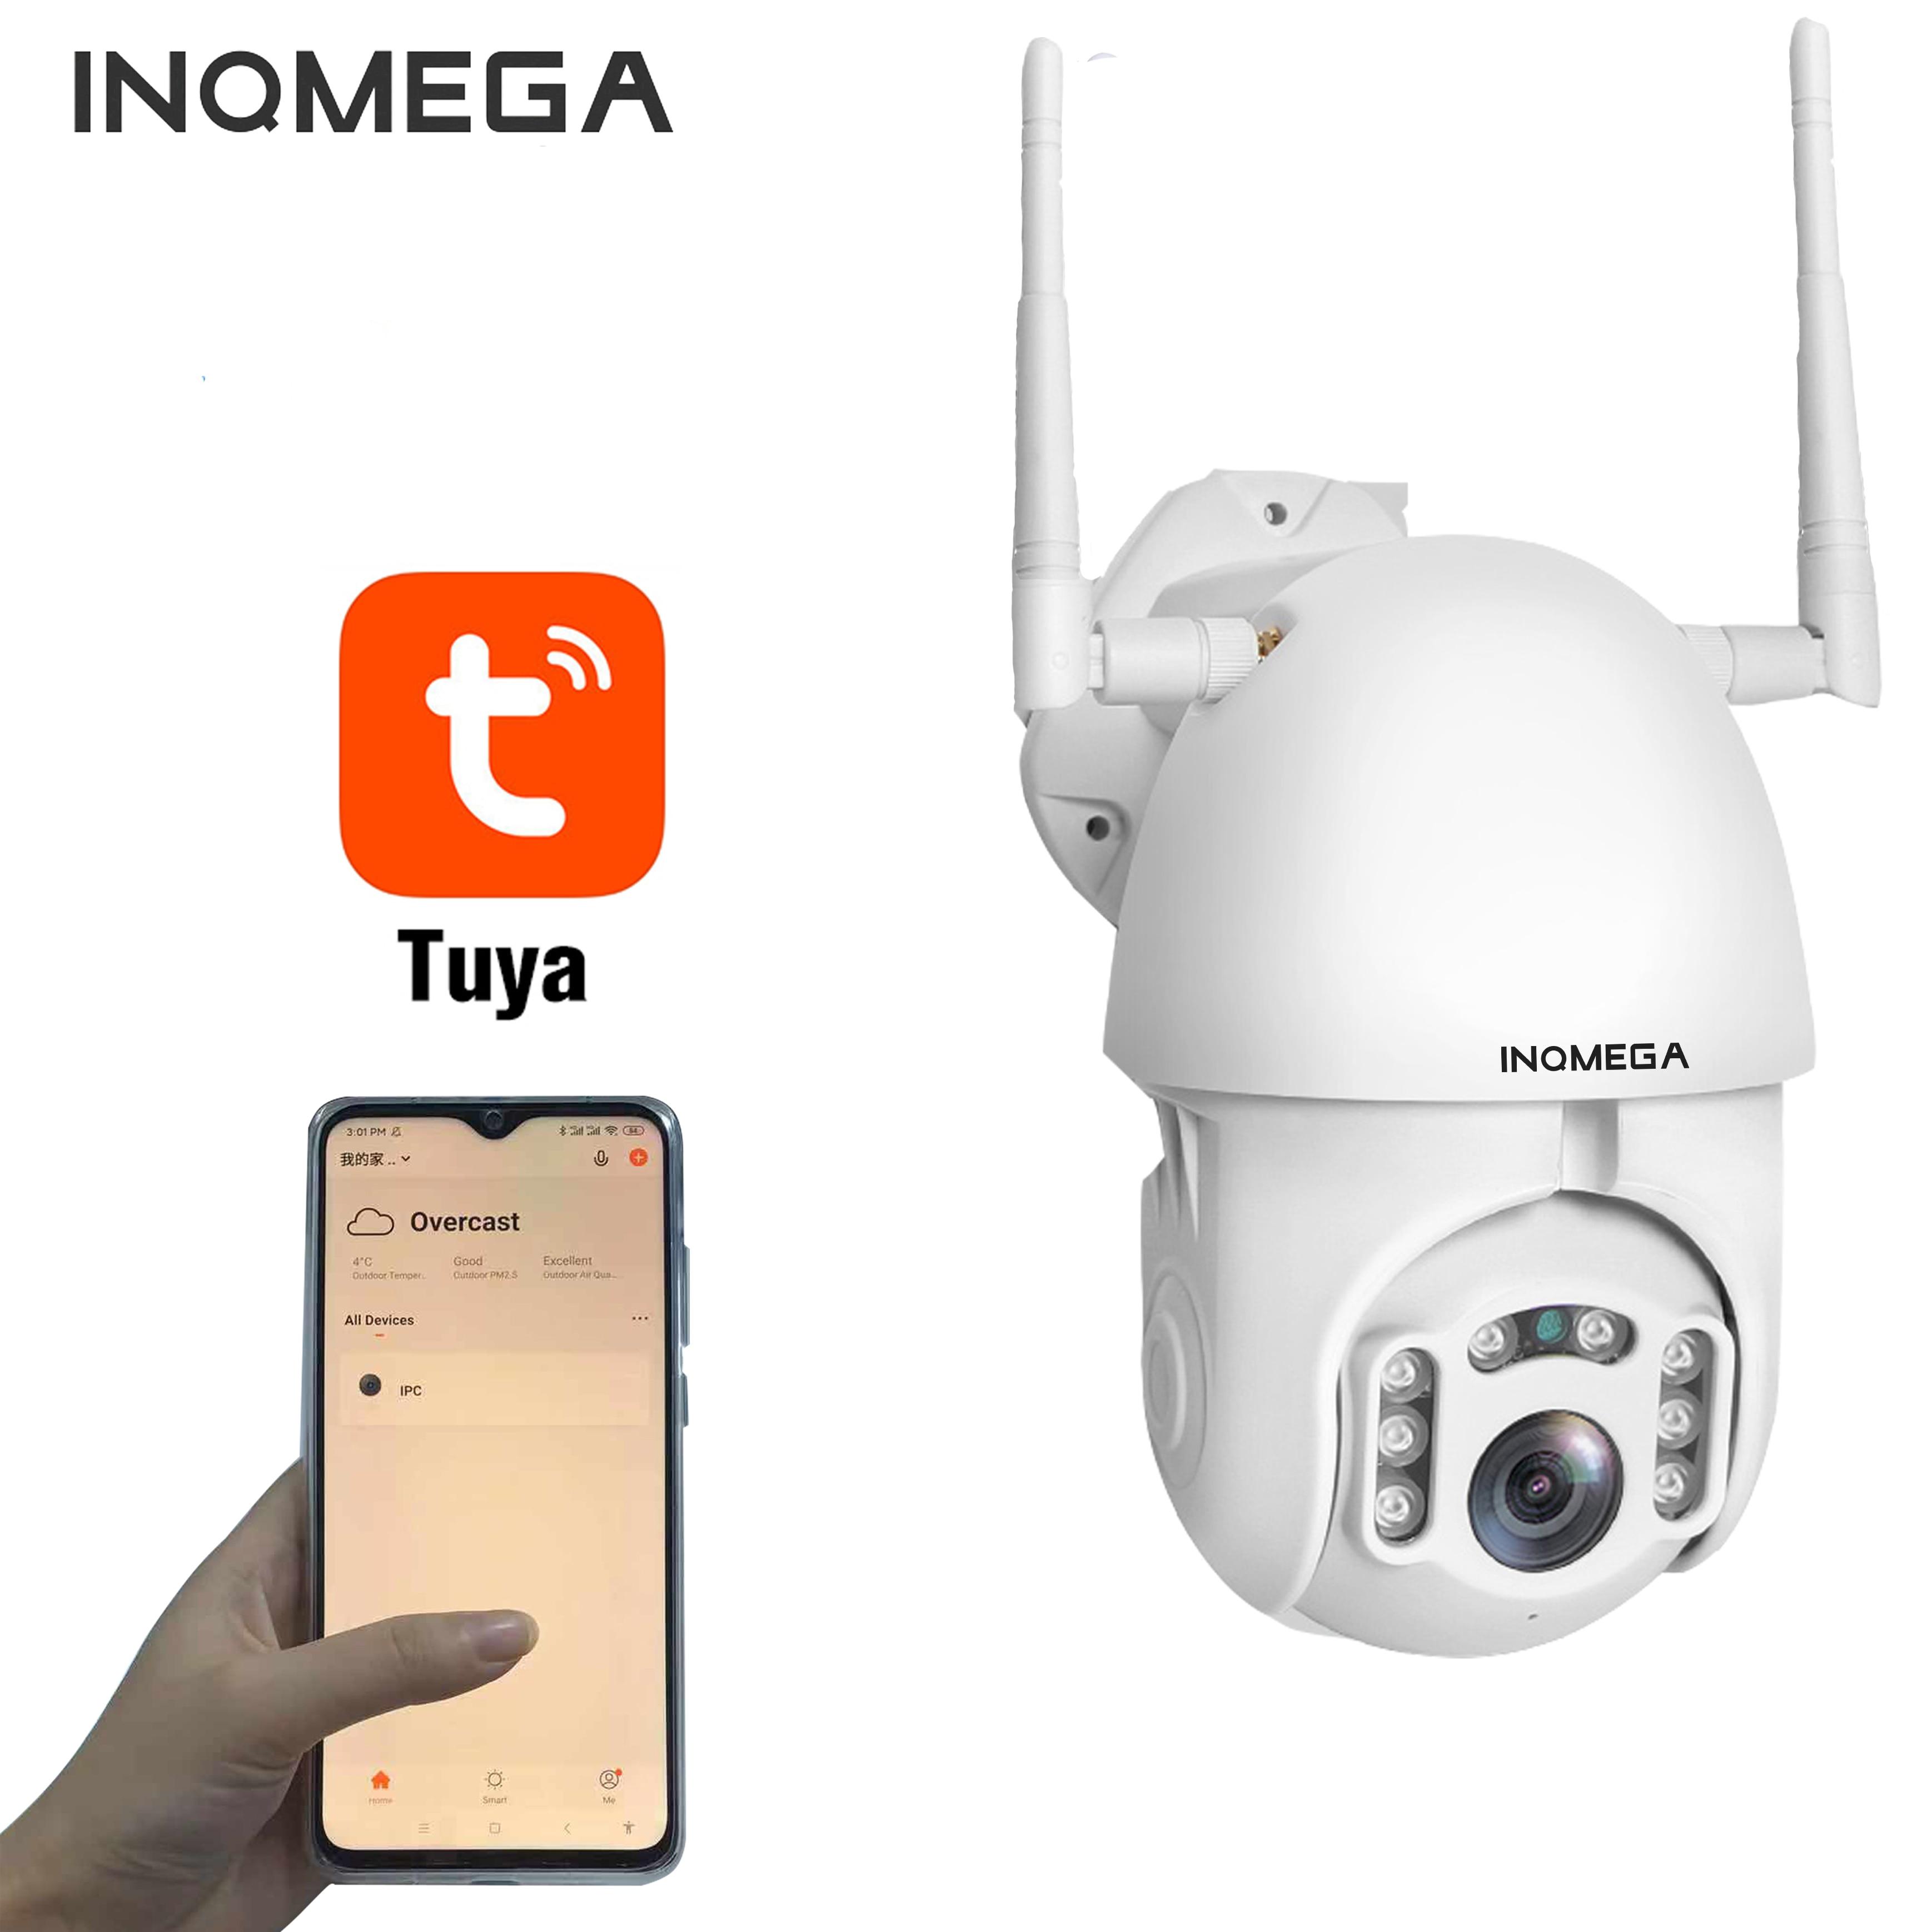 Inqmega ao ar livre 1080 p tuya câmera de vigilância de segurança cctv câmera à prova dwifi água wi fi sem fio rastreamento automático ptz velocidade dome câmera